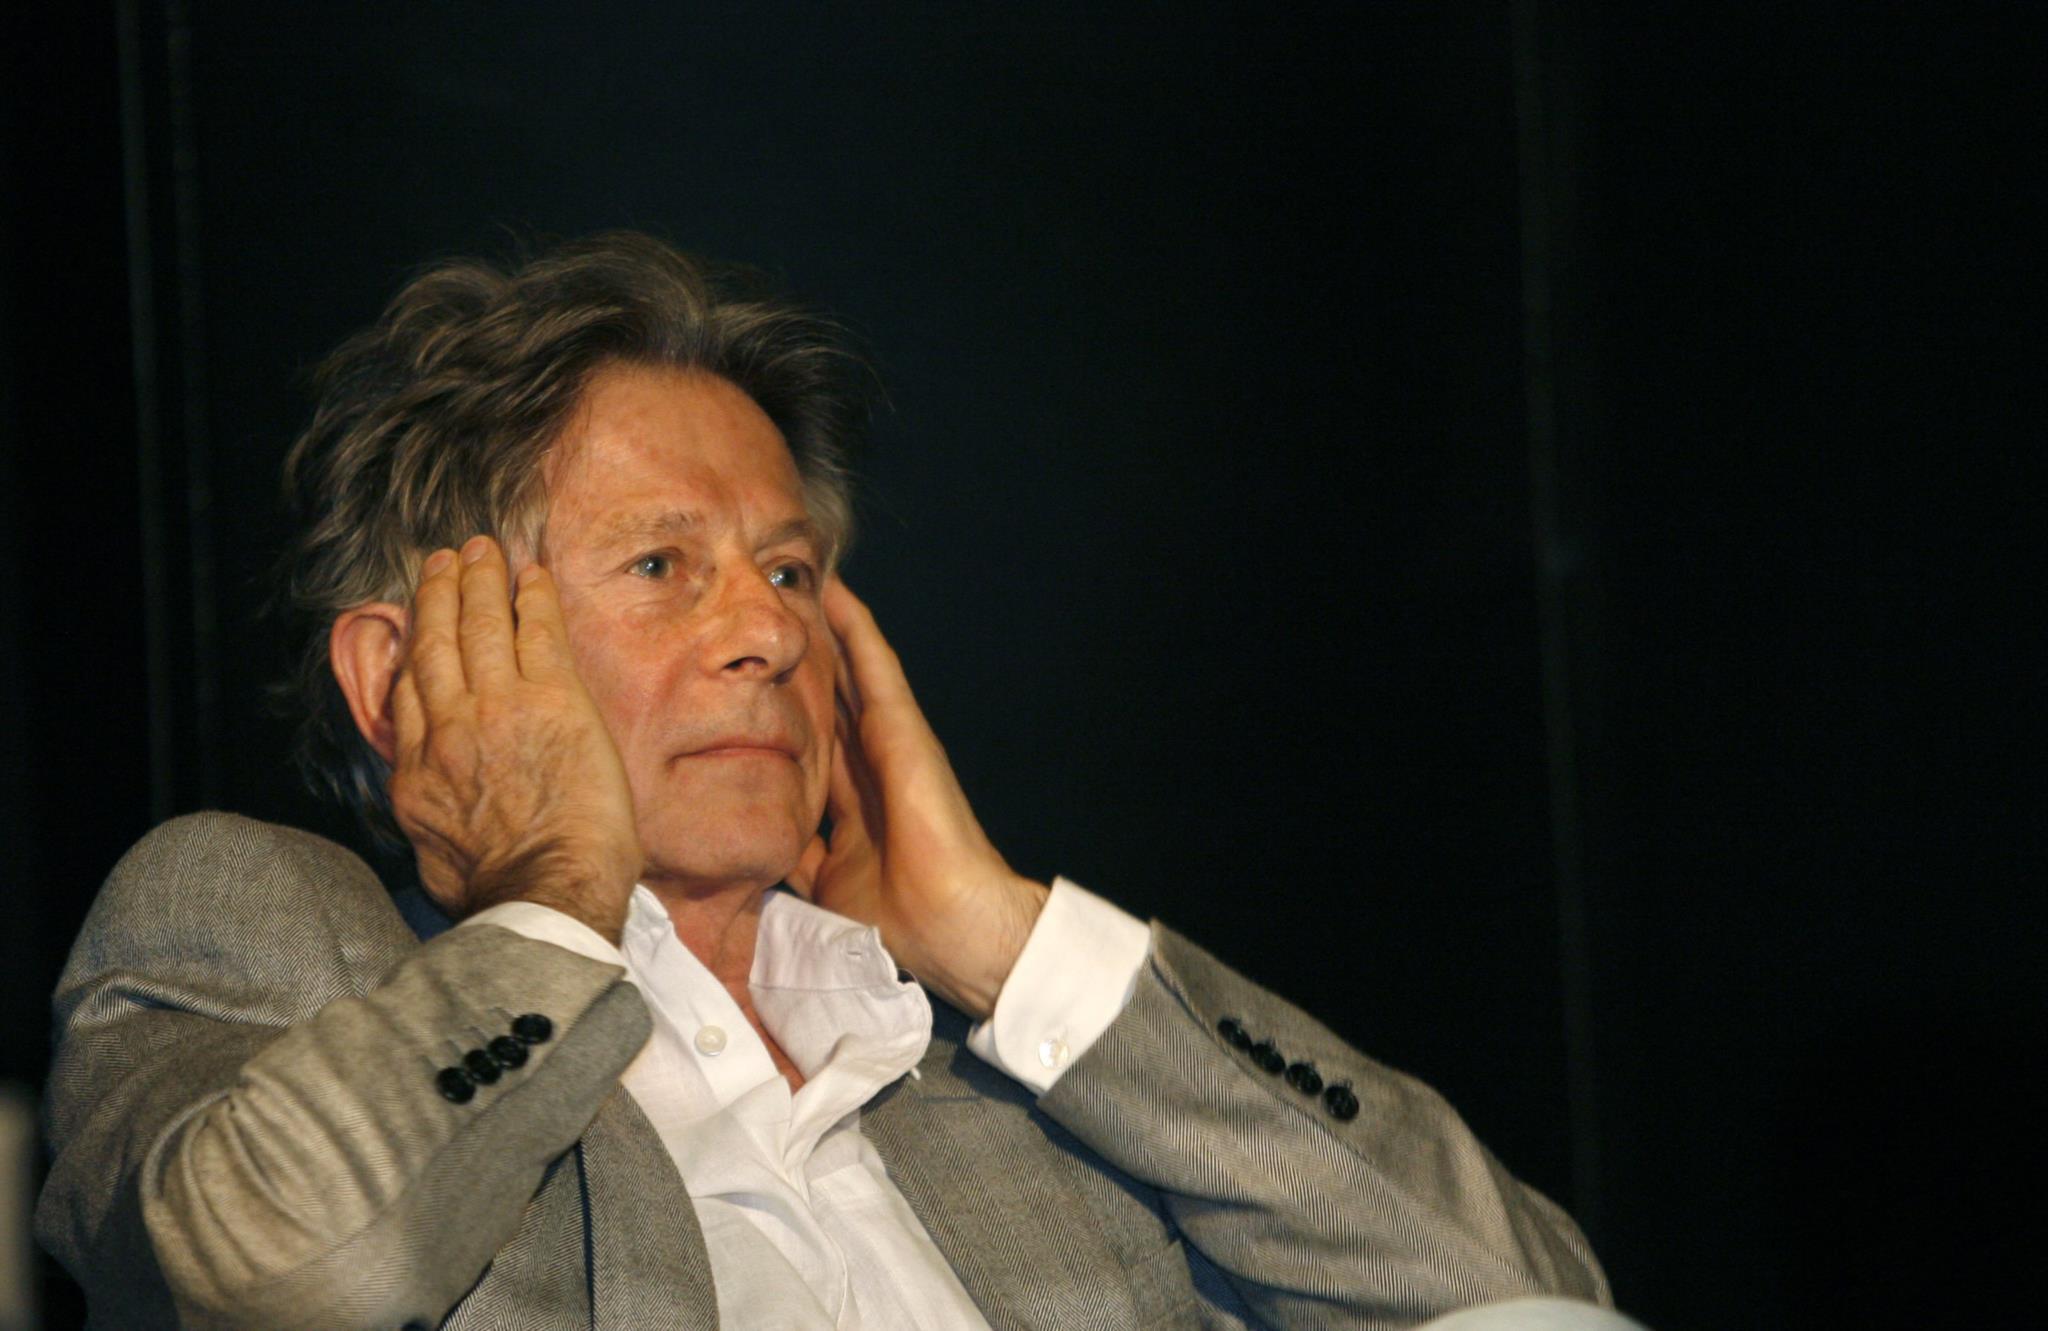 PÚBLICO - Roman Polanski tenta regressar aos Estados Unidos